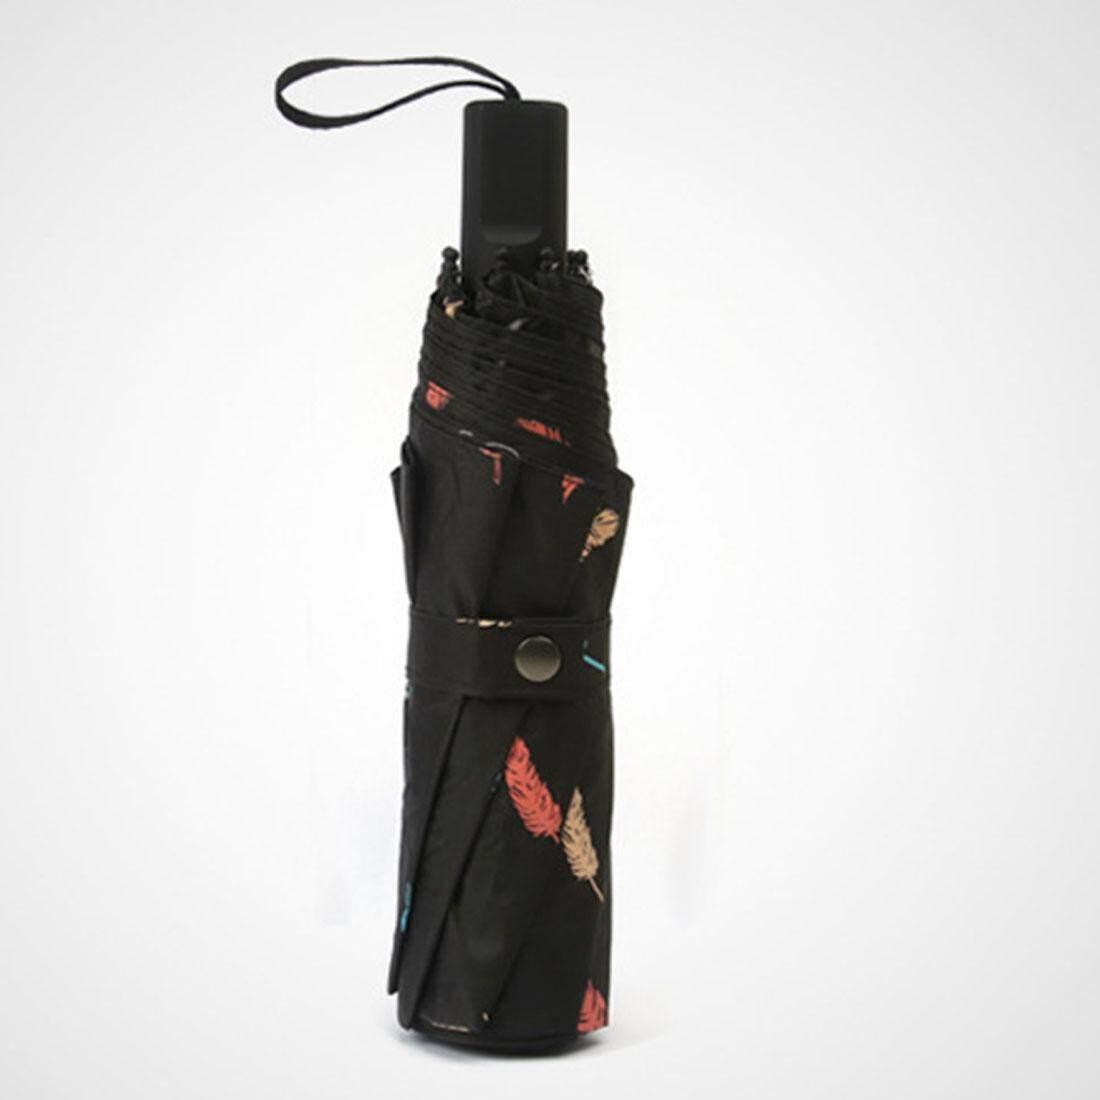 Kalibre Kazbrella Payung Terbalik Inverted Umbrella Yellow Diameter Besar Kuning 150 Cm Hujan Waterproof Anti Air Uv 995036 770 Tiga Lipat Ultra Cahya Wanita Tahan Sinar Hitam Bulu Pola